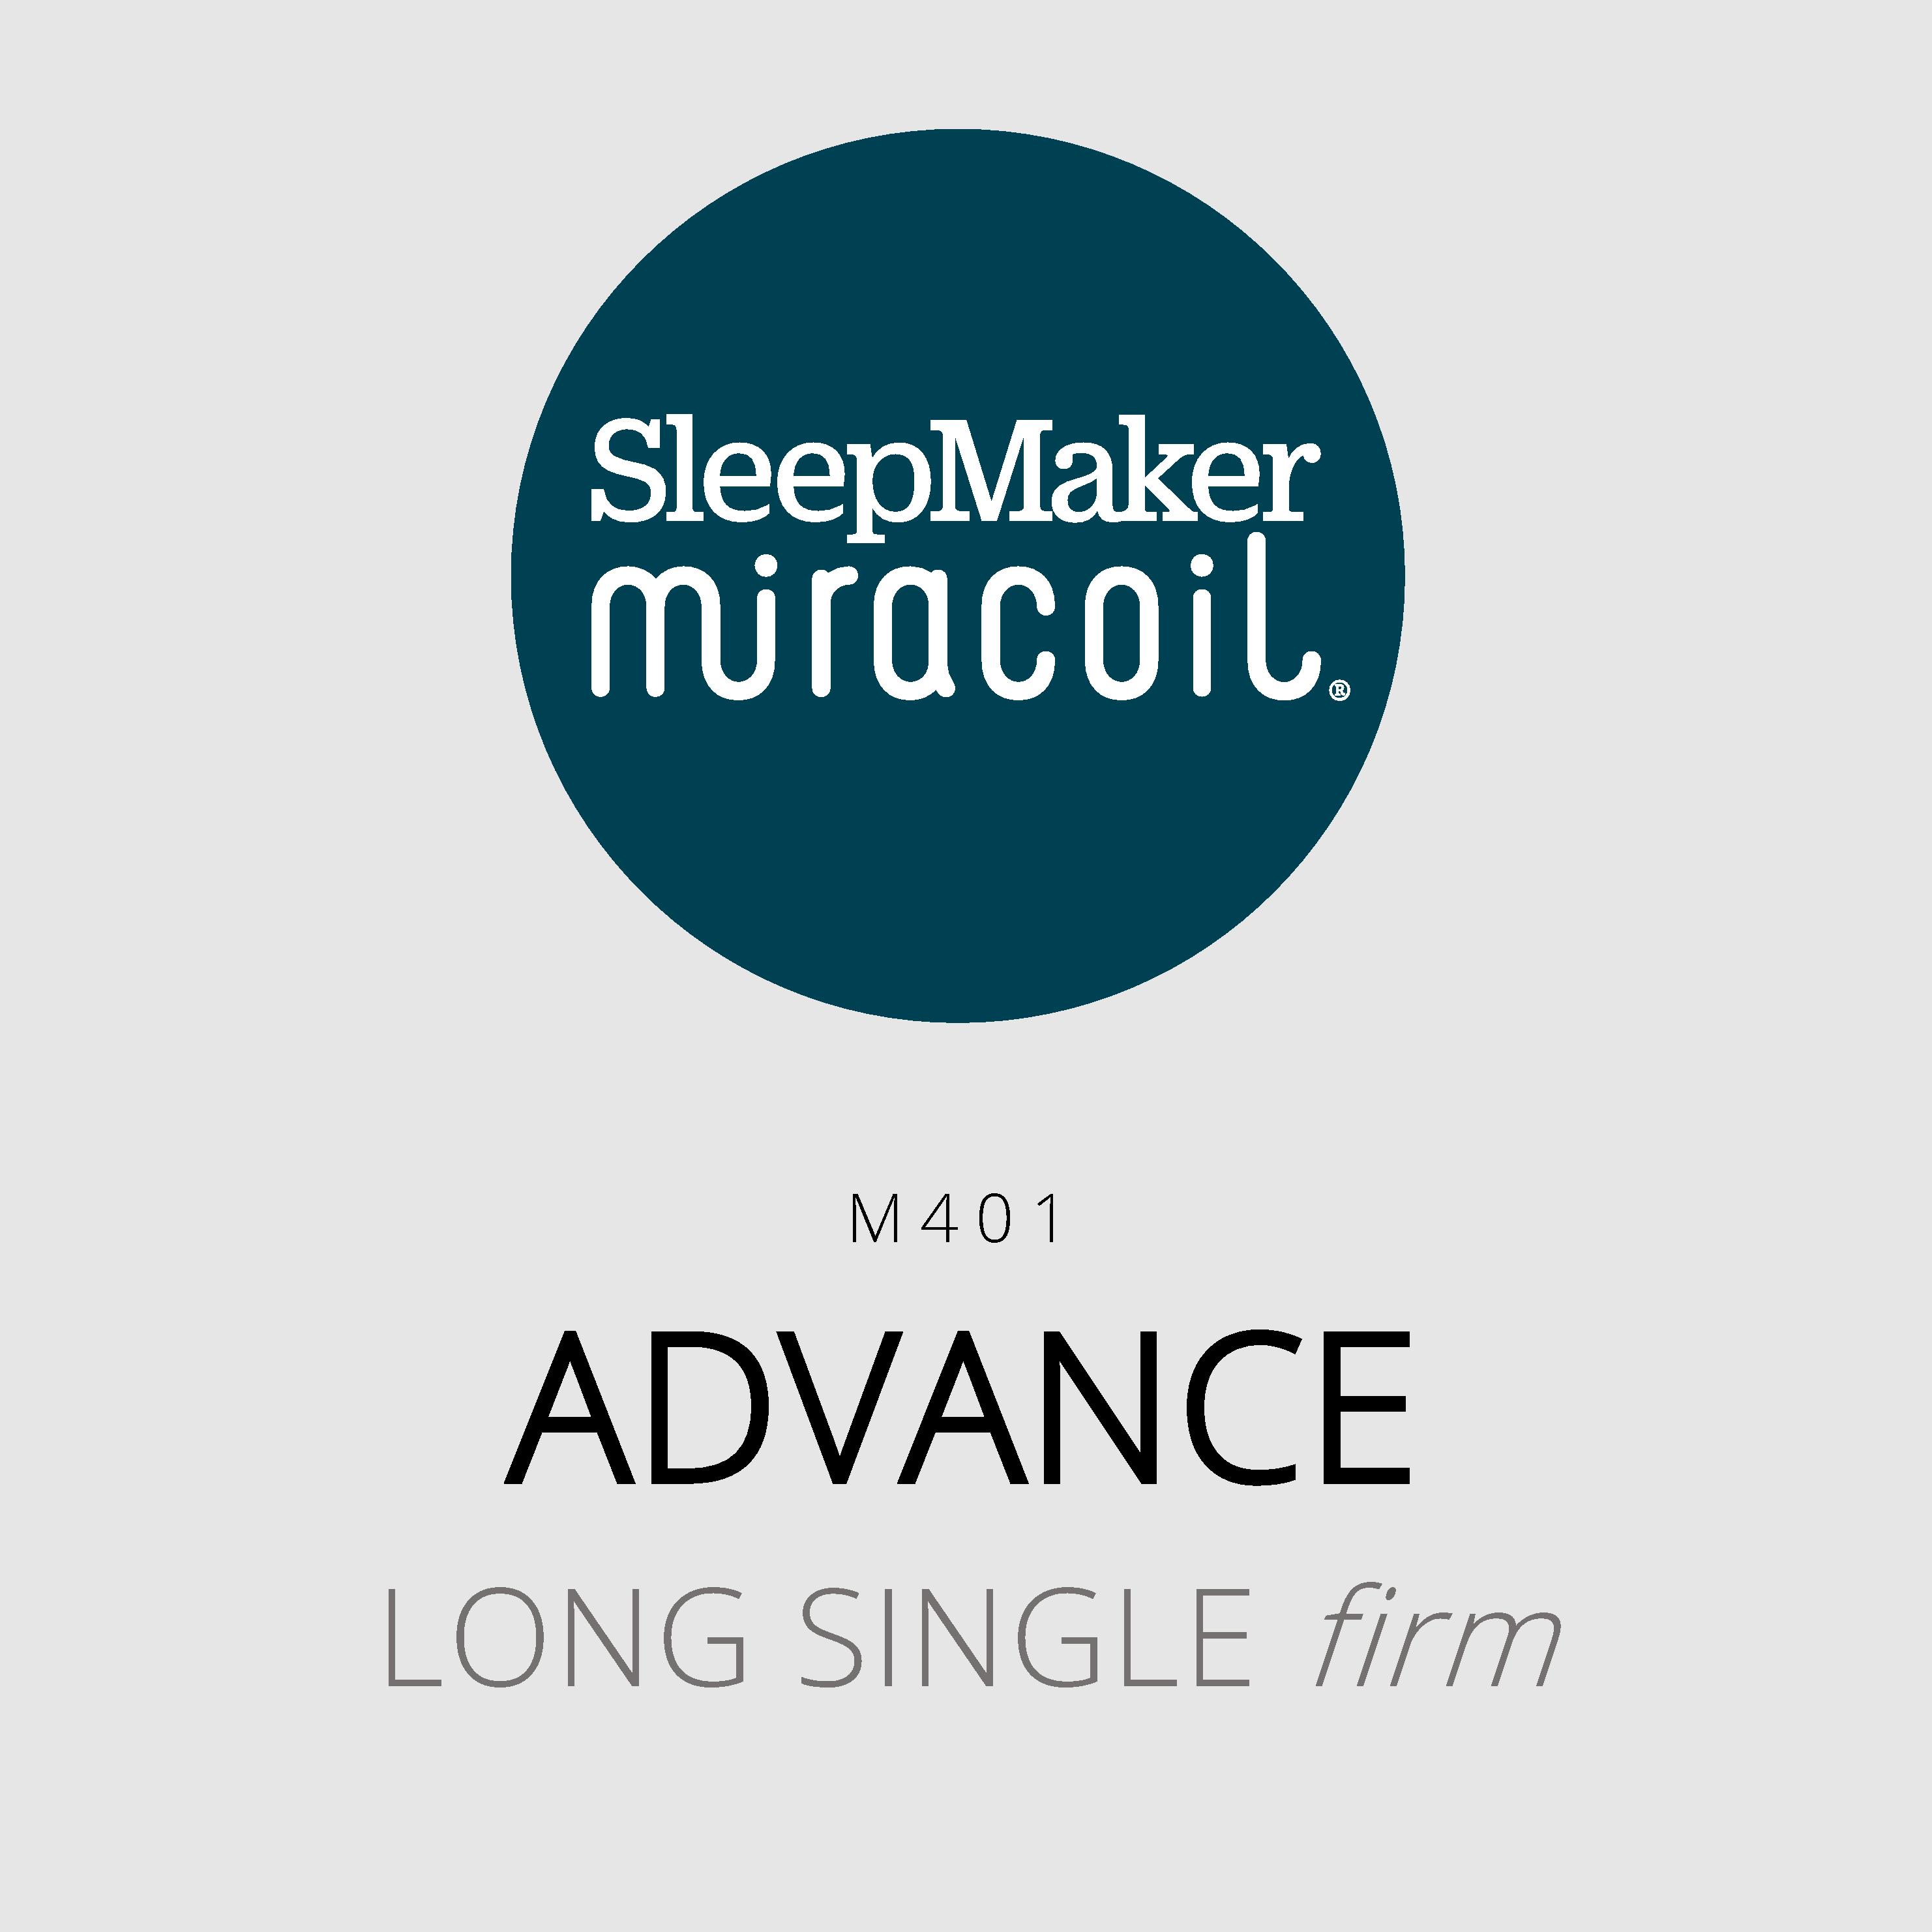 SleepMaker Miracoil – Advance – M401 – Long Single Firm Mattress